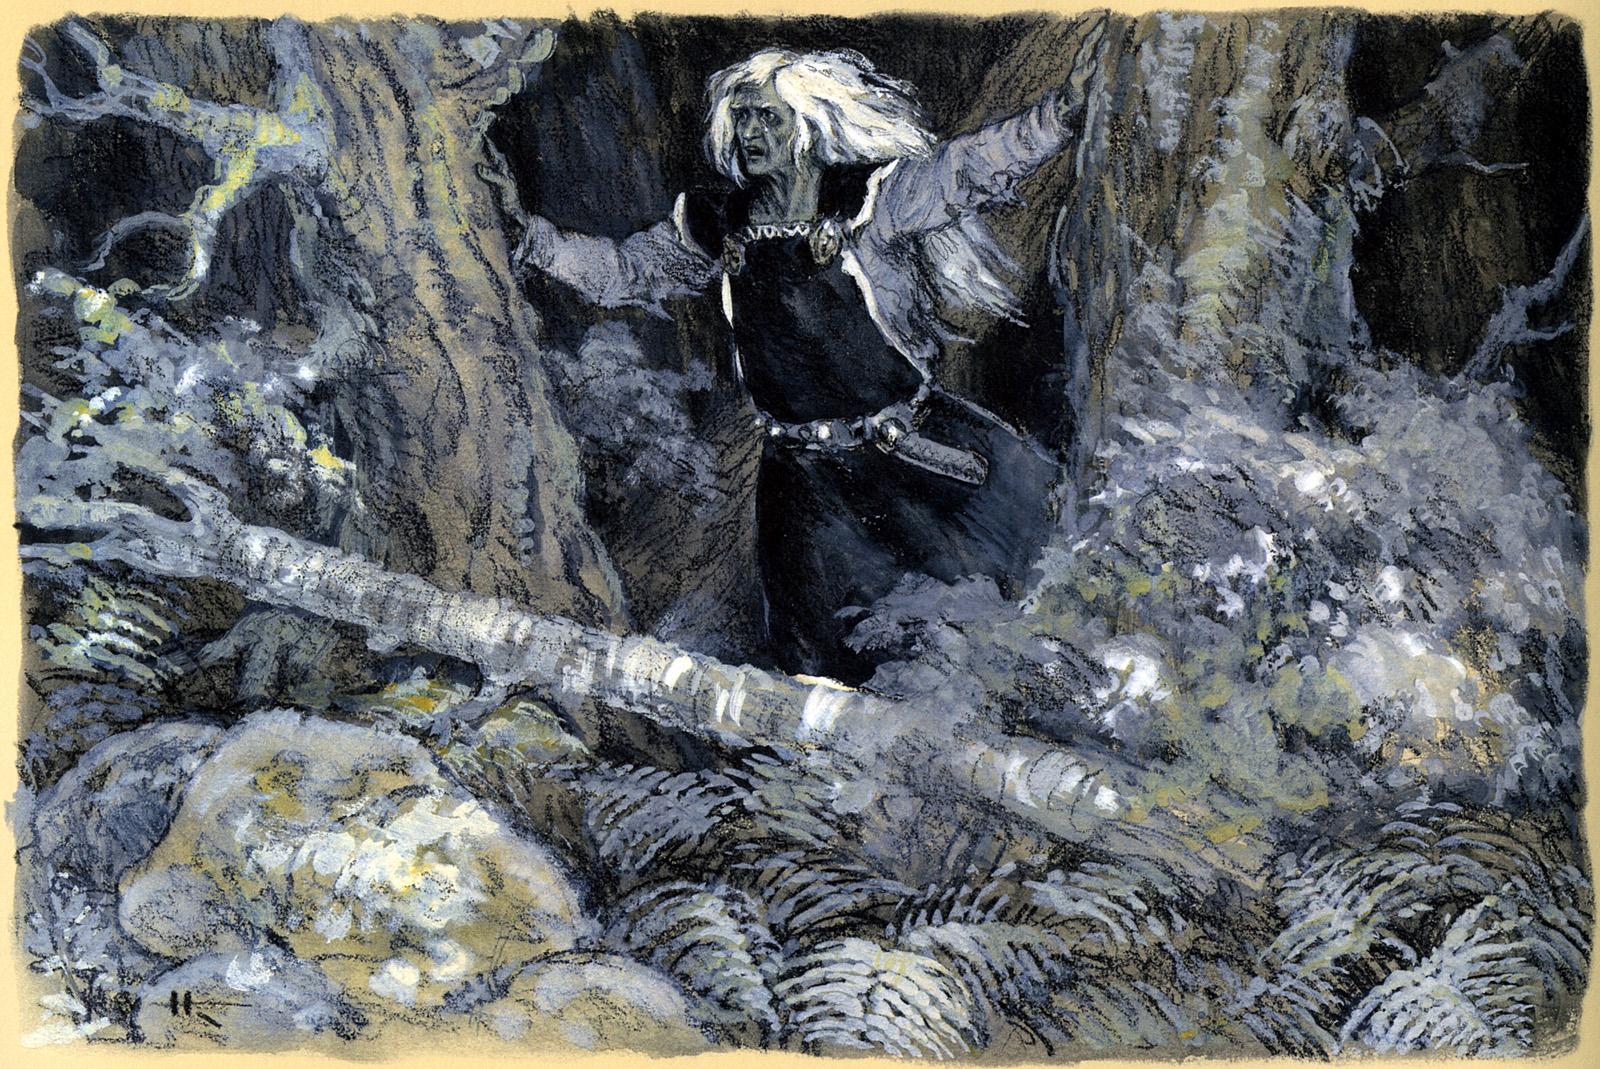 Image on Fairy Tales